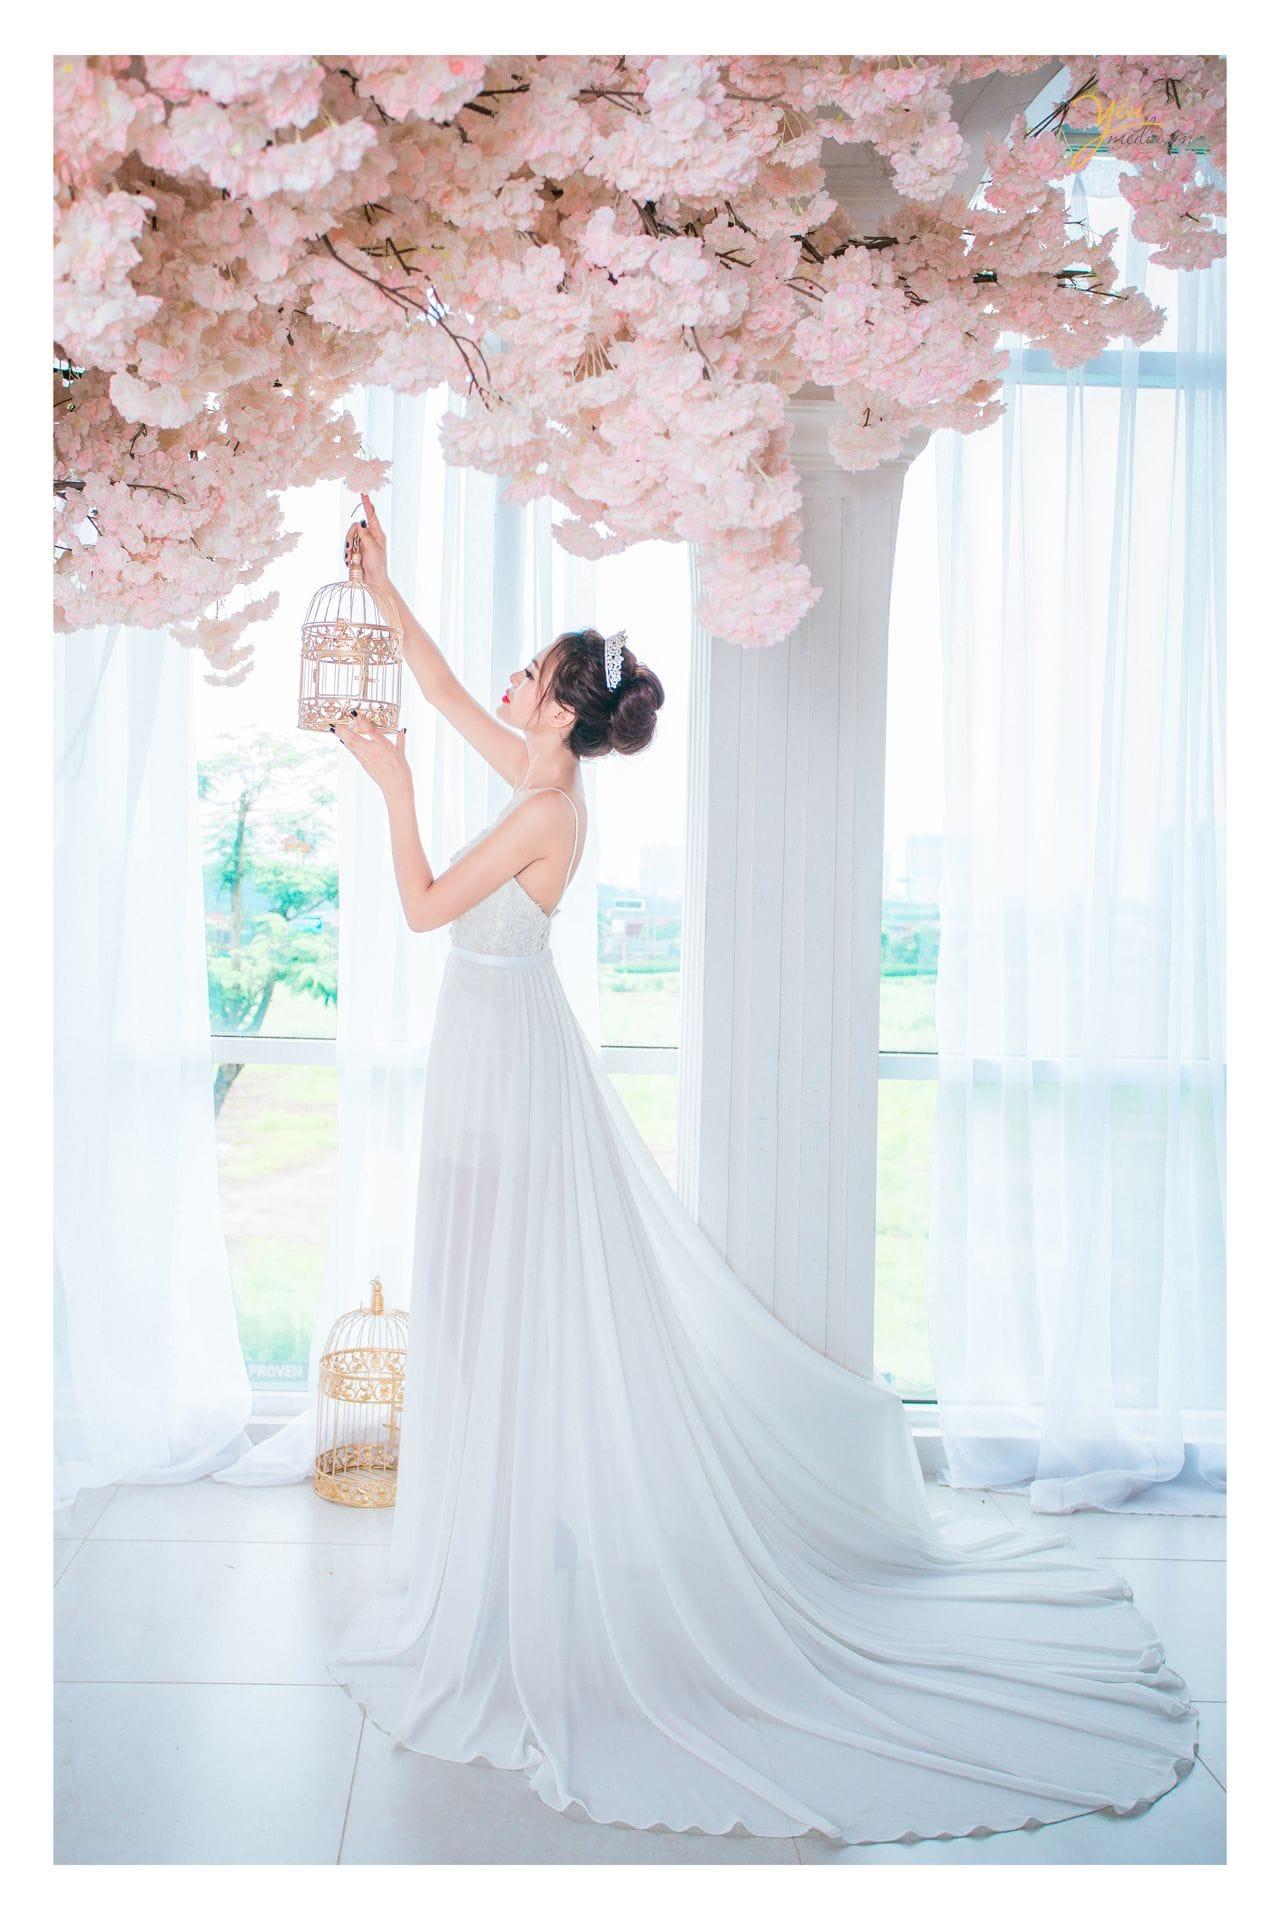 ảnh chụp cô dâu đơn bên hoa anh đào